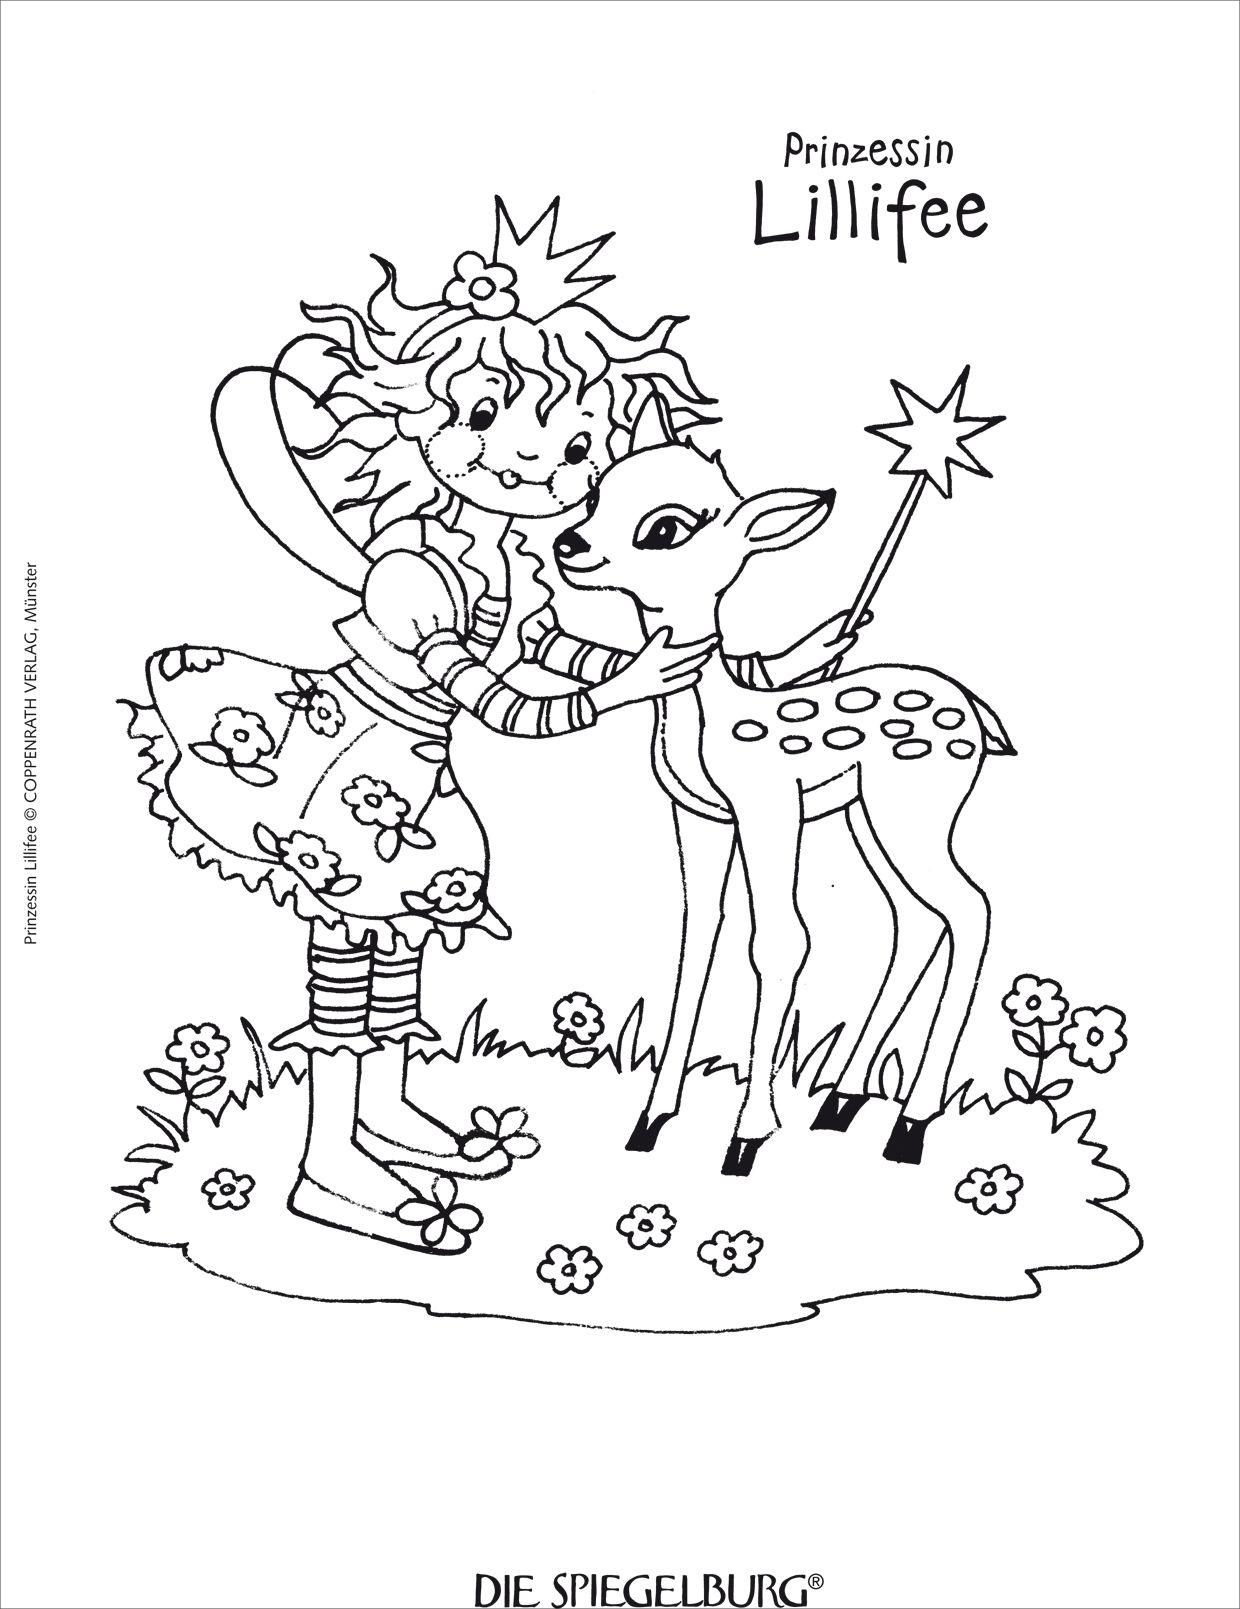 Pin Auf Lillifee Ausmalbild in Gratis Malvorlagen Prinzessin Lillifee